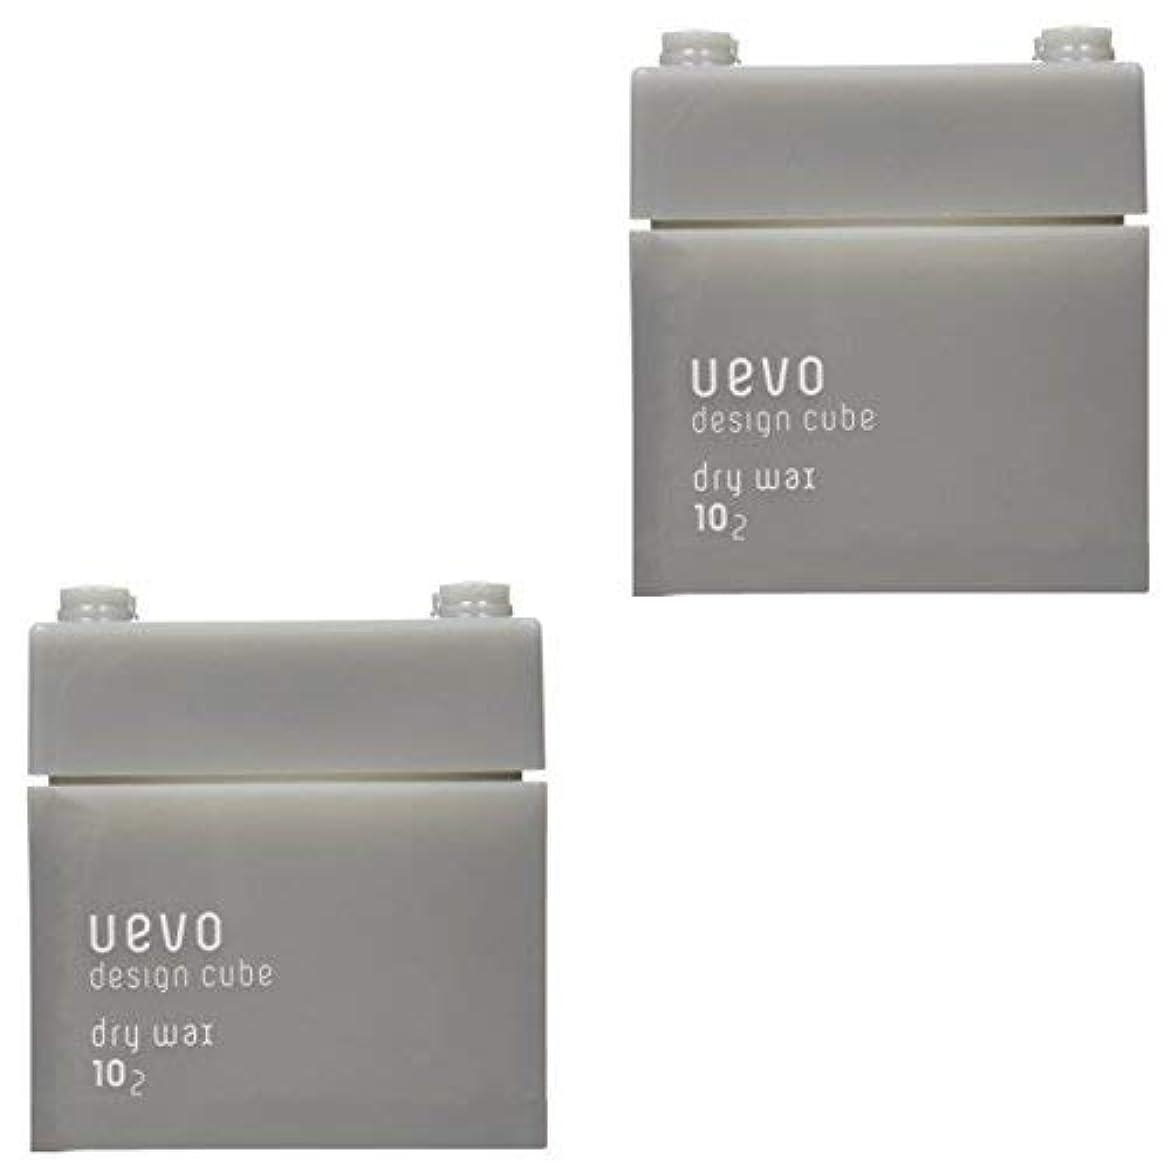 法的誤解管理します【X2個セット】 デミ ウェーボ デザインキューブ ドライワックス 80g dry wax DEMI uevo design cube